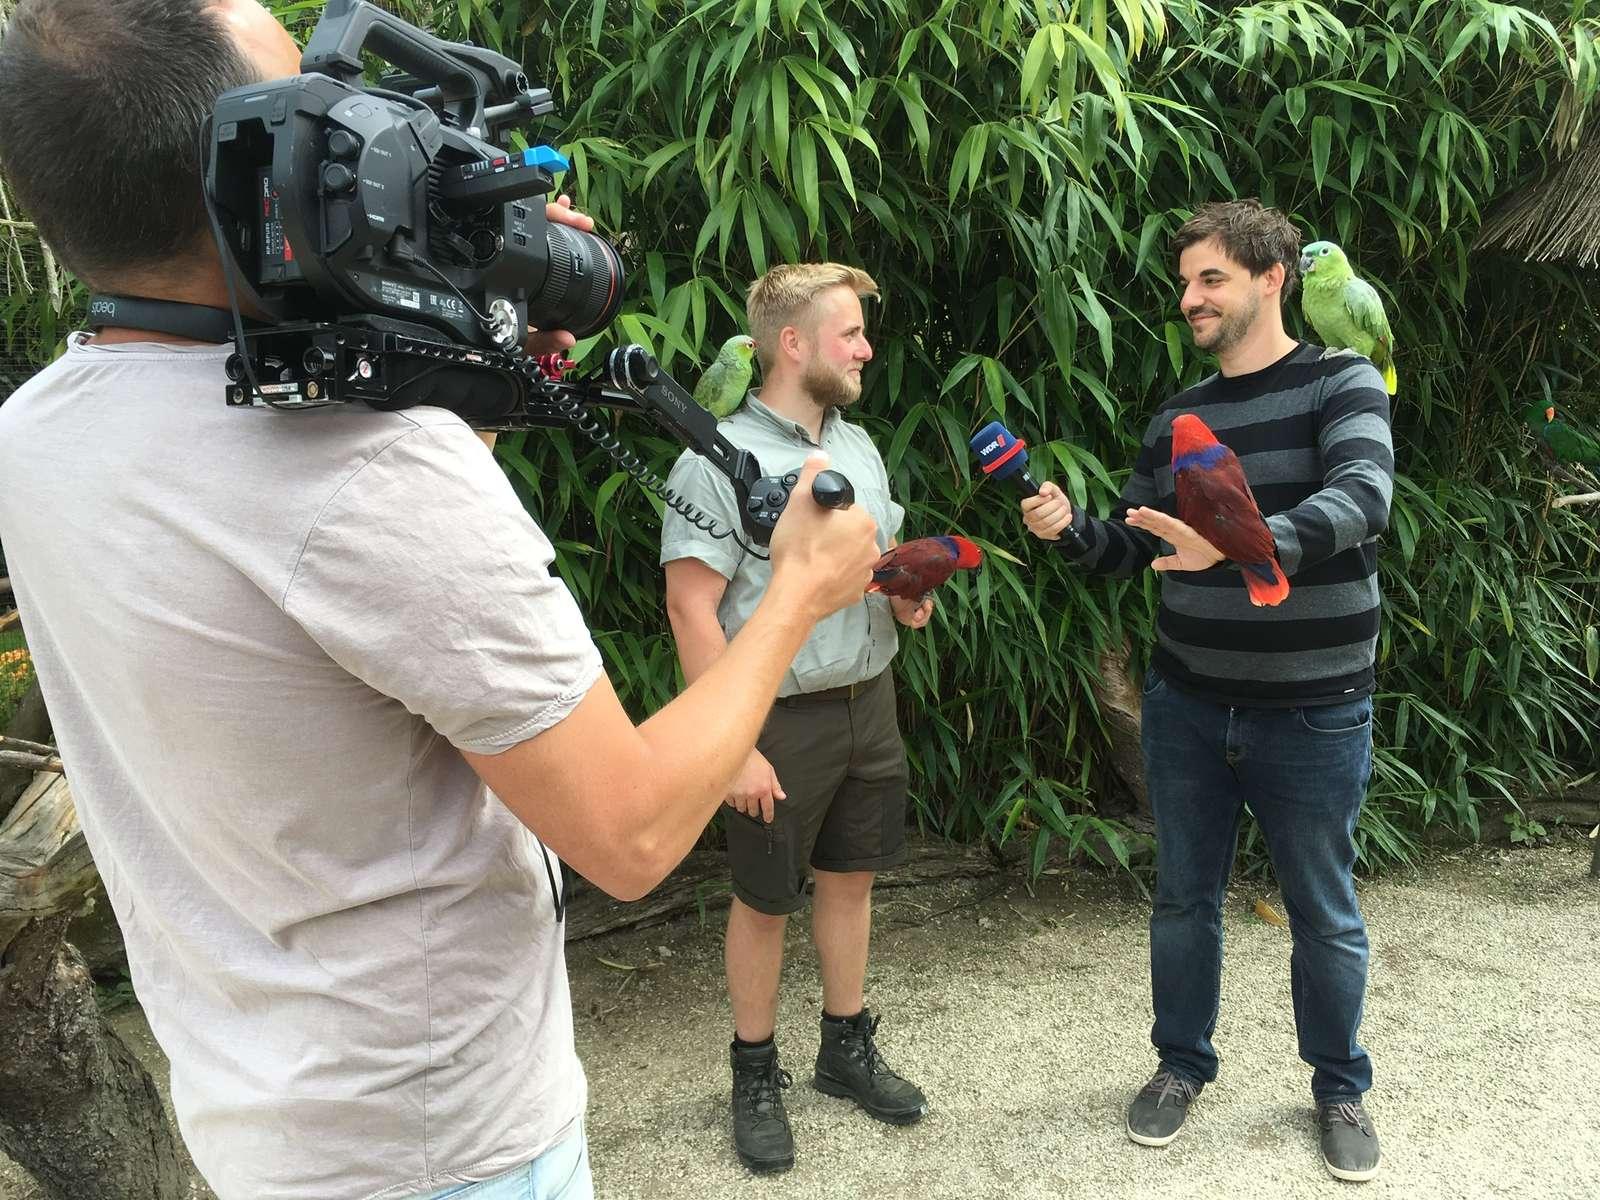 Die WDR Lokalzeit OWL und die Lippische Landeszeitung waren zu Gast im Vogelpark - Vogelpark Mitarbeiter Marc-Philip Eckstein im Gespräch mit Heimaturlauber Christian Saftig vom WDR - Heimaturlaub in OWL und der Alltag eines Tierpflegers waren Thema im Familienpark zum Anfassen